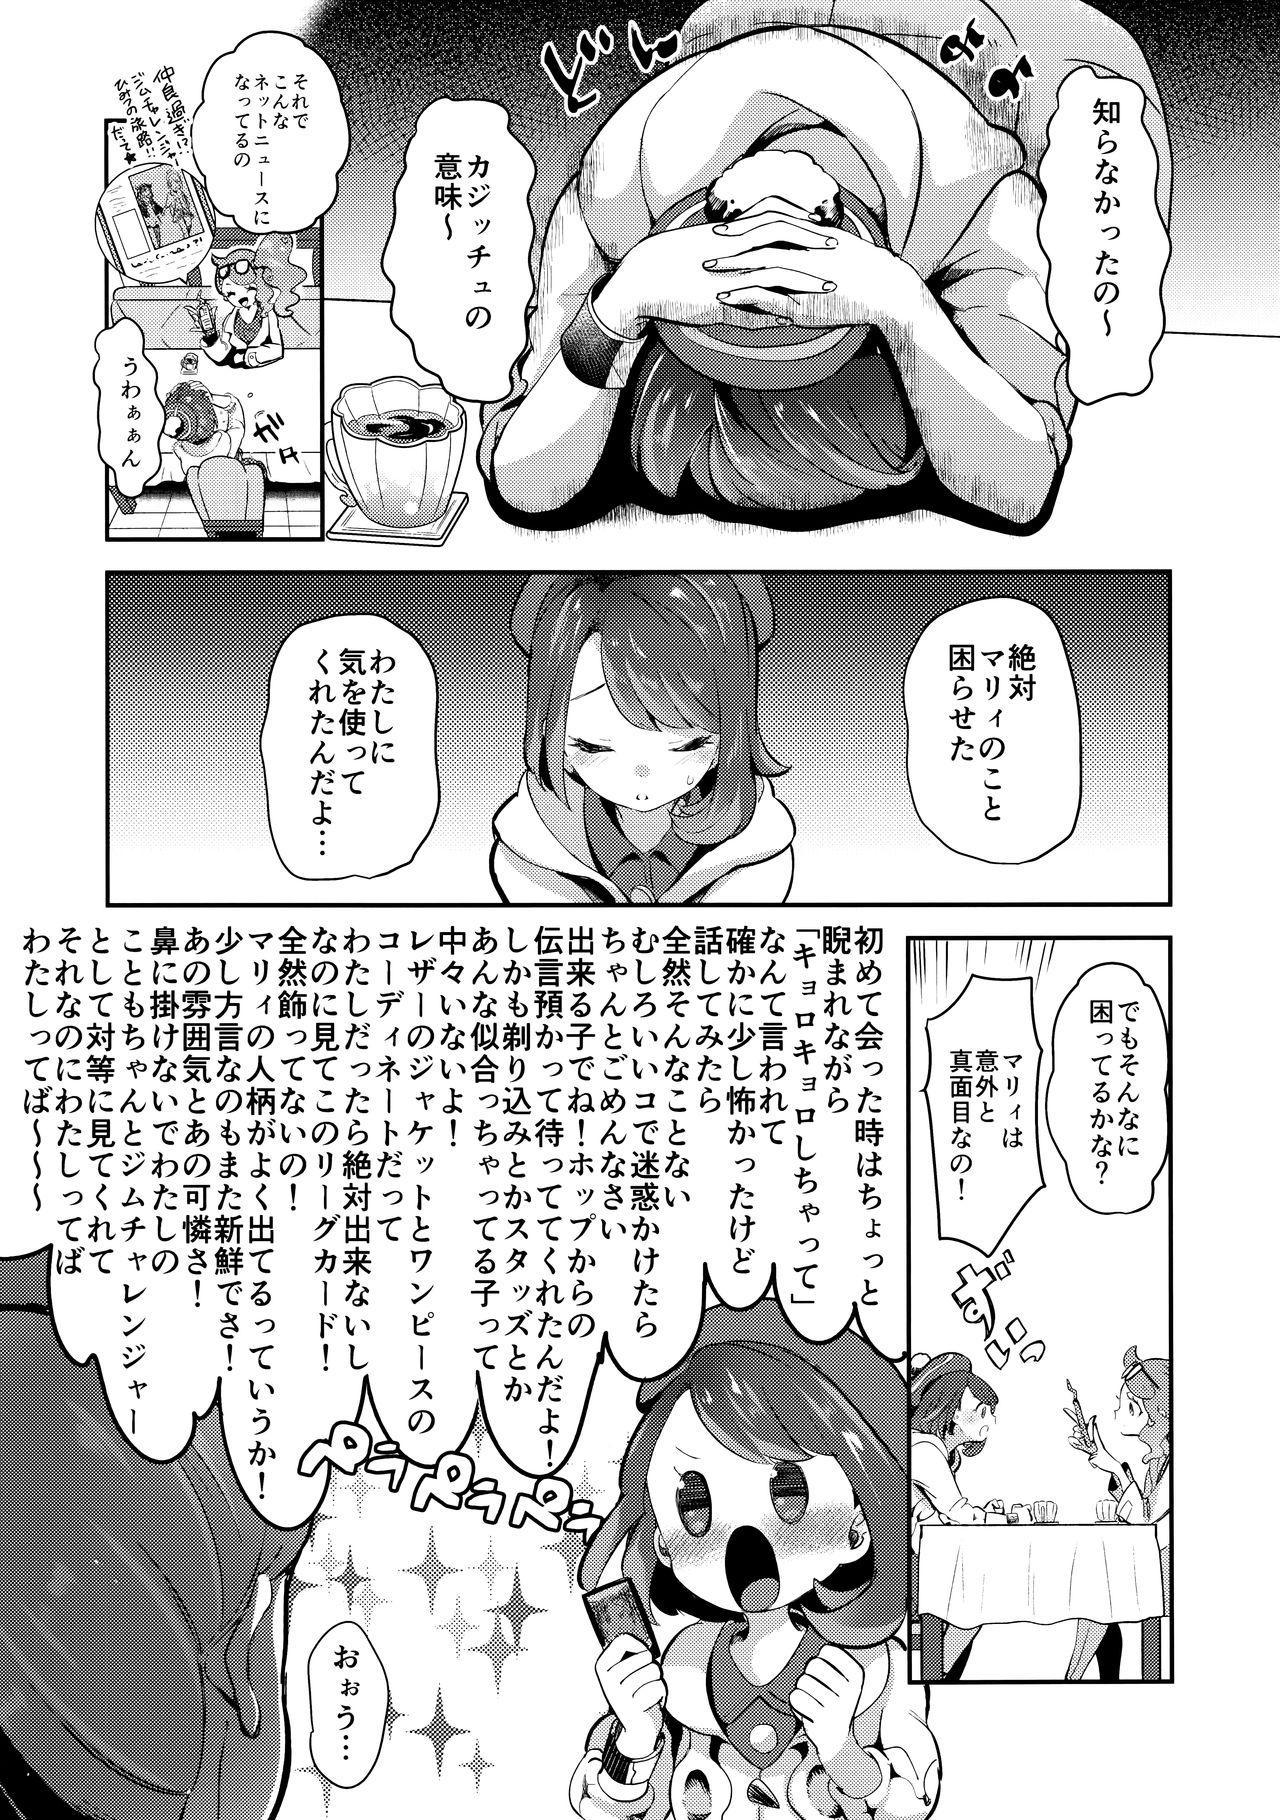 Yuuri wa Marnie ni Suppai Ringo o Hitotsu Agemashita. 6